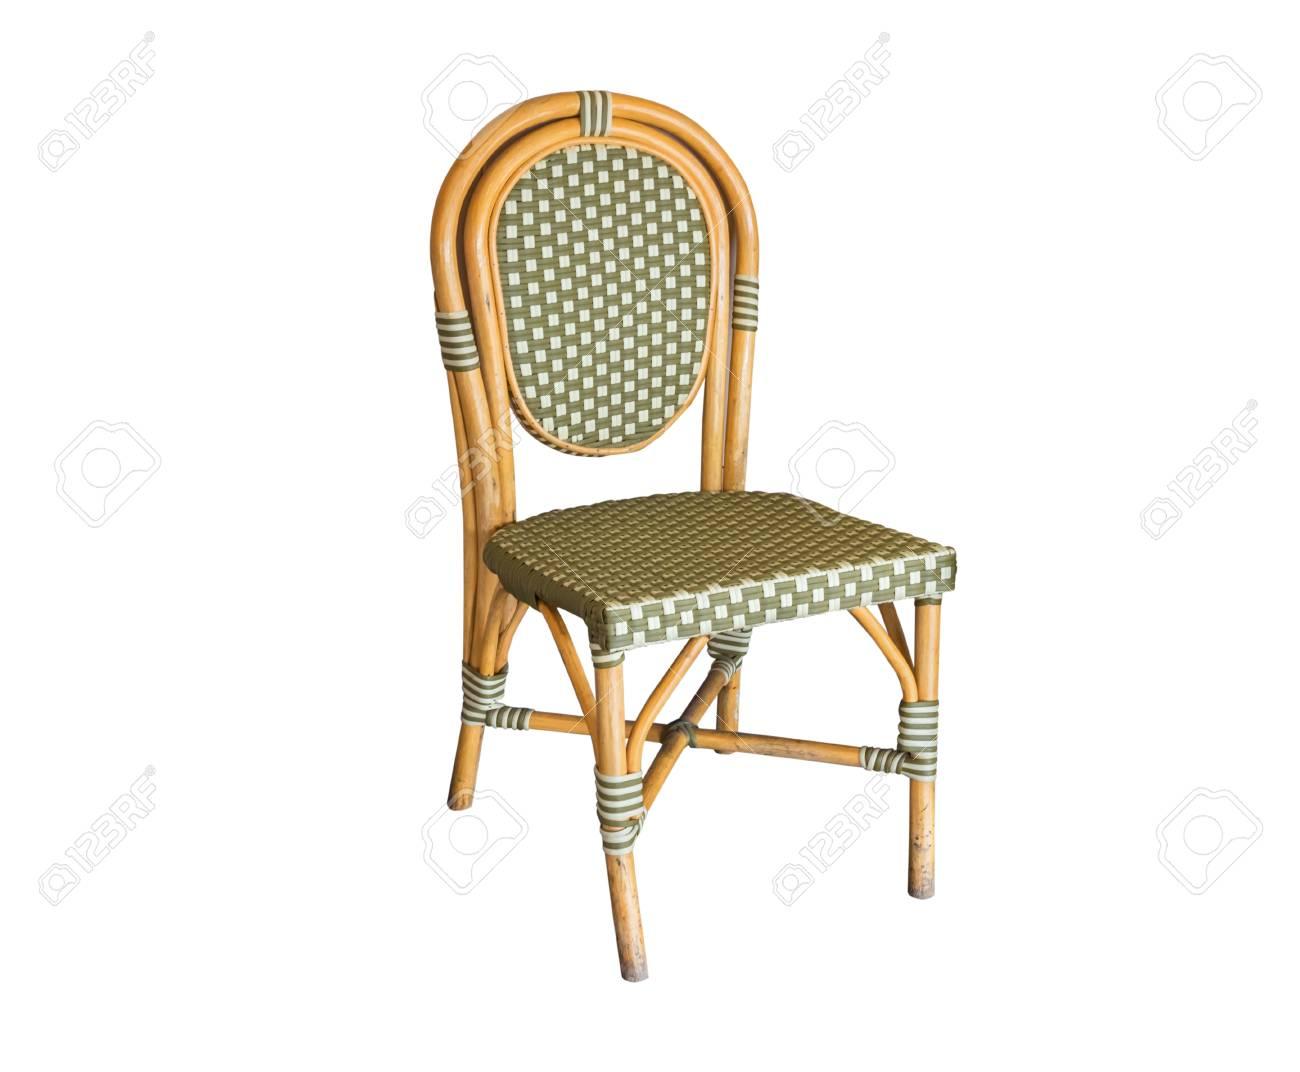 Kleurrijke rieten stoel, geïsoleerd op een witte achtergrond met uitknippad.